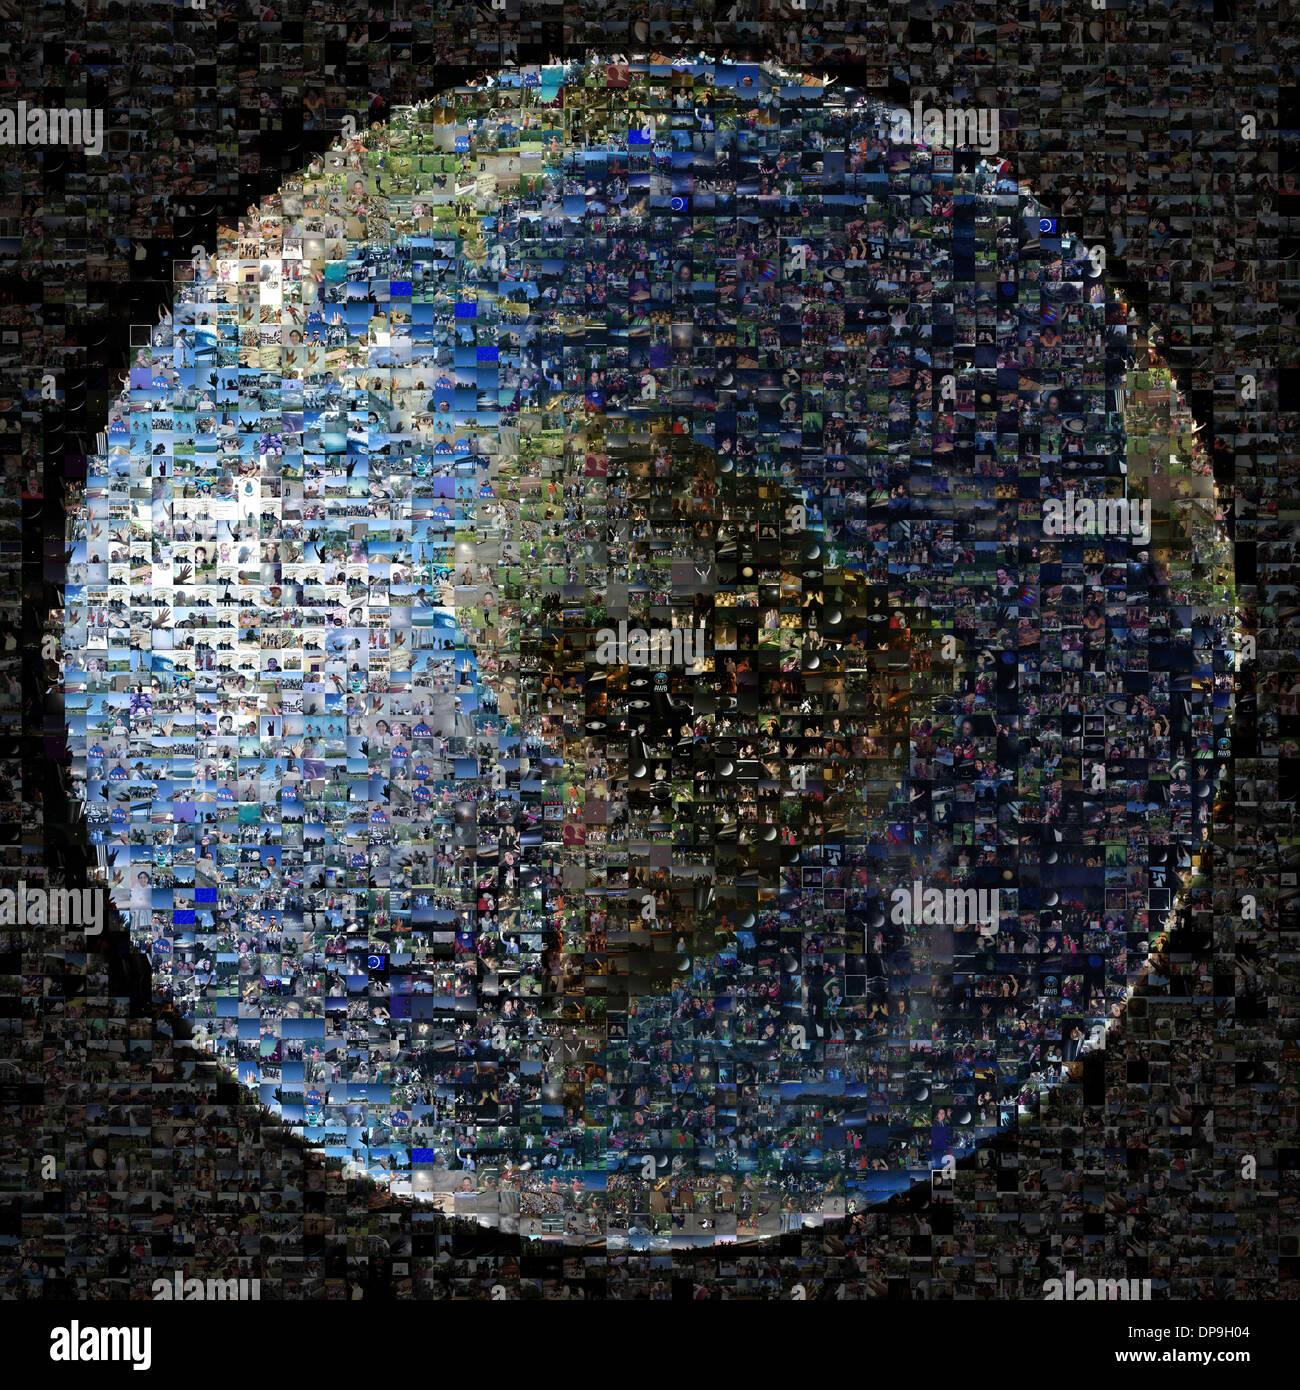 Composé de 1400 photos dans le cadre de la vague à Saturne manifestation organisée par la mission Cassini de la NASA Photo Stock